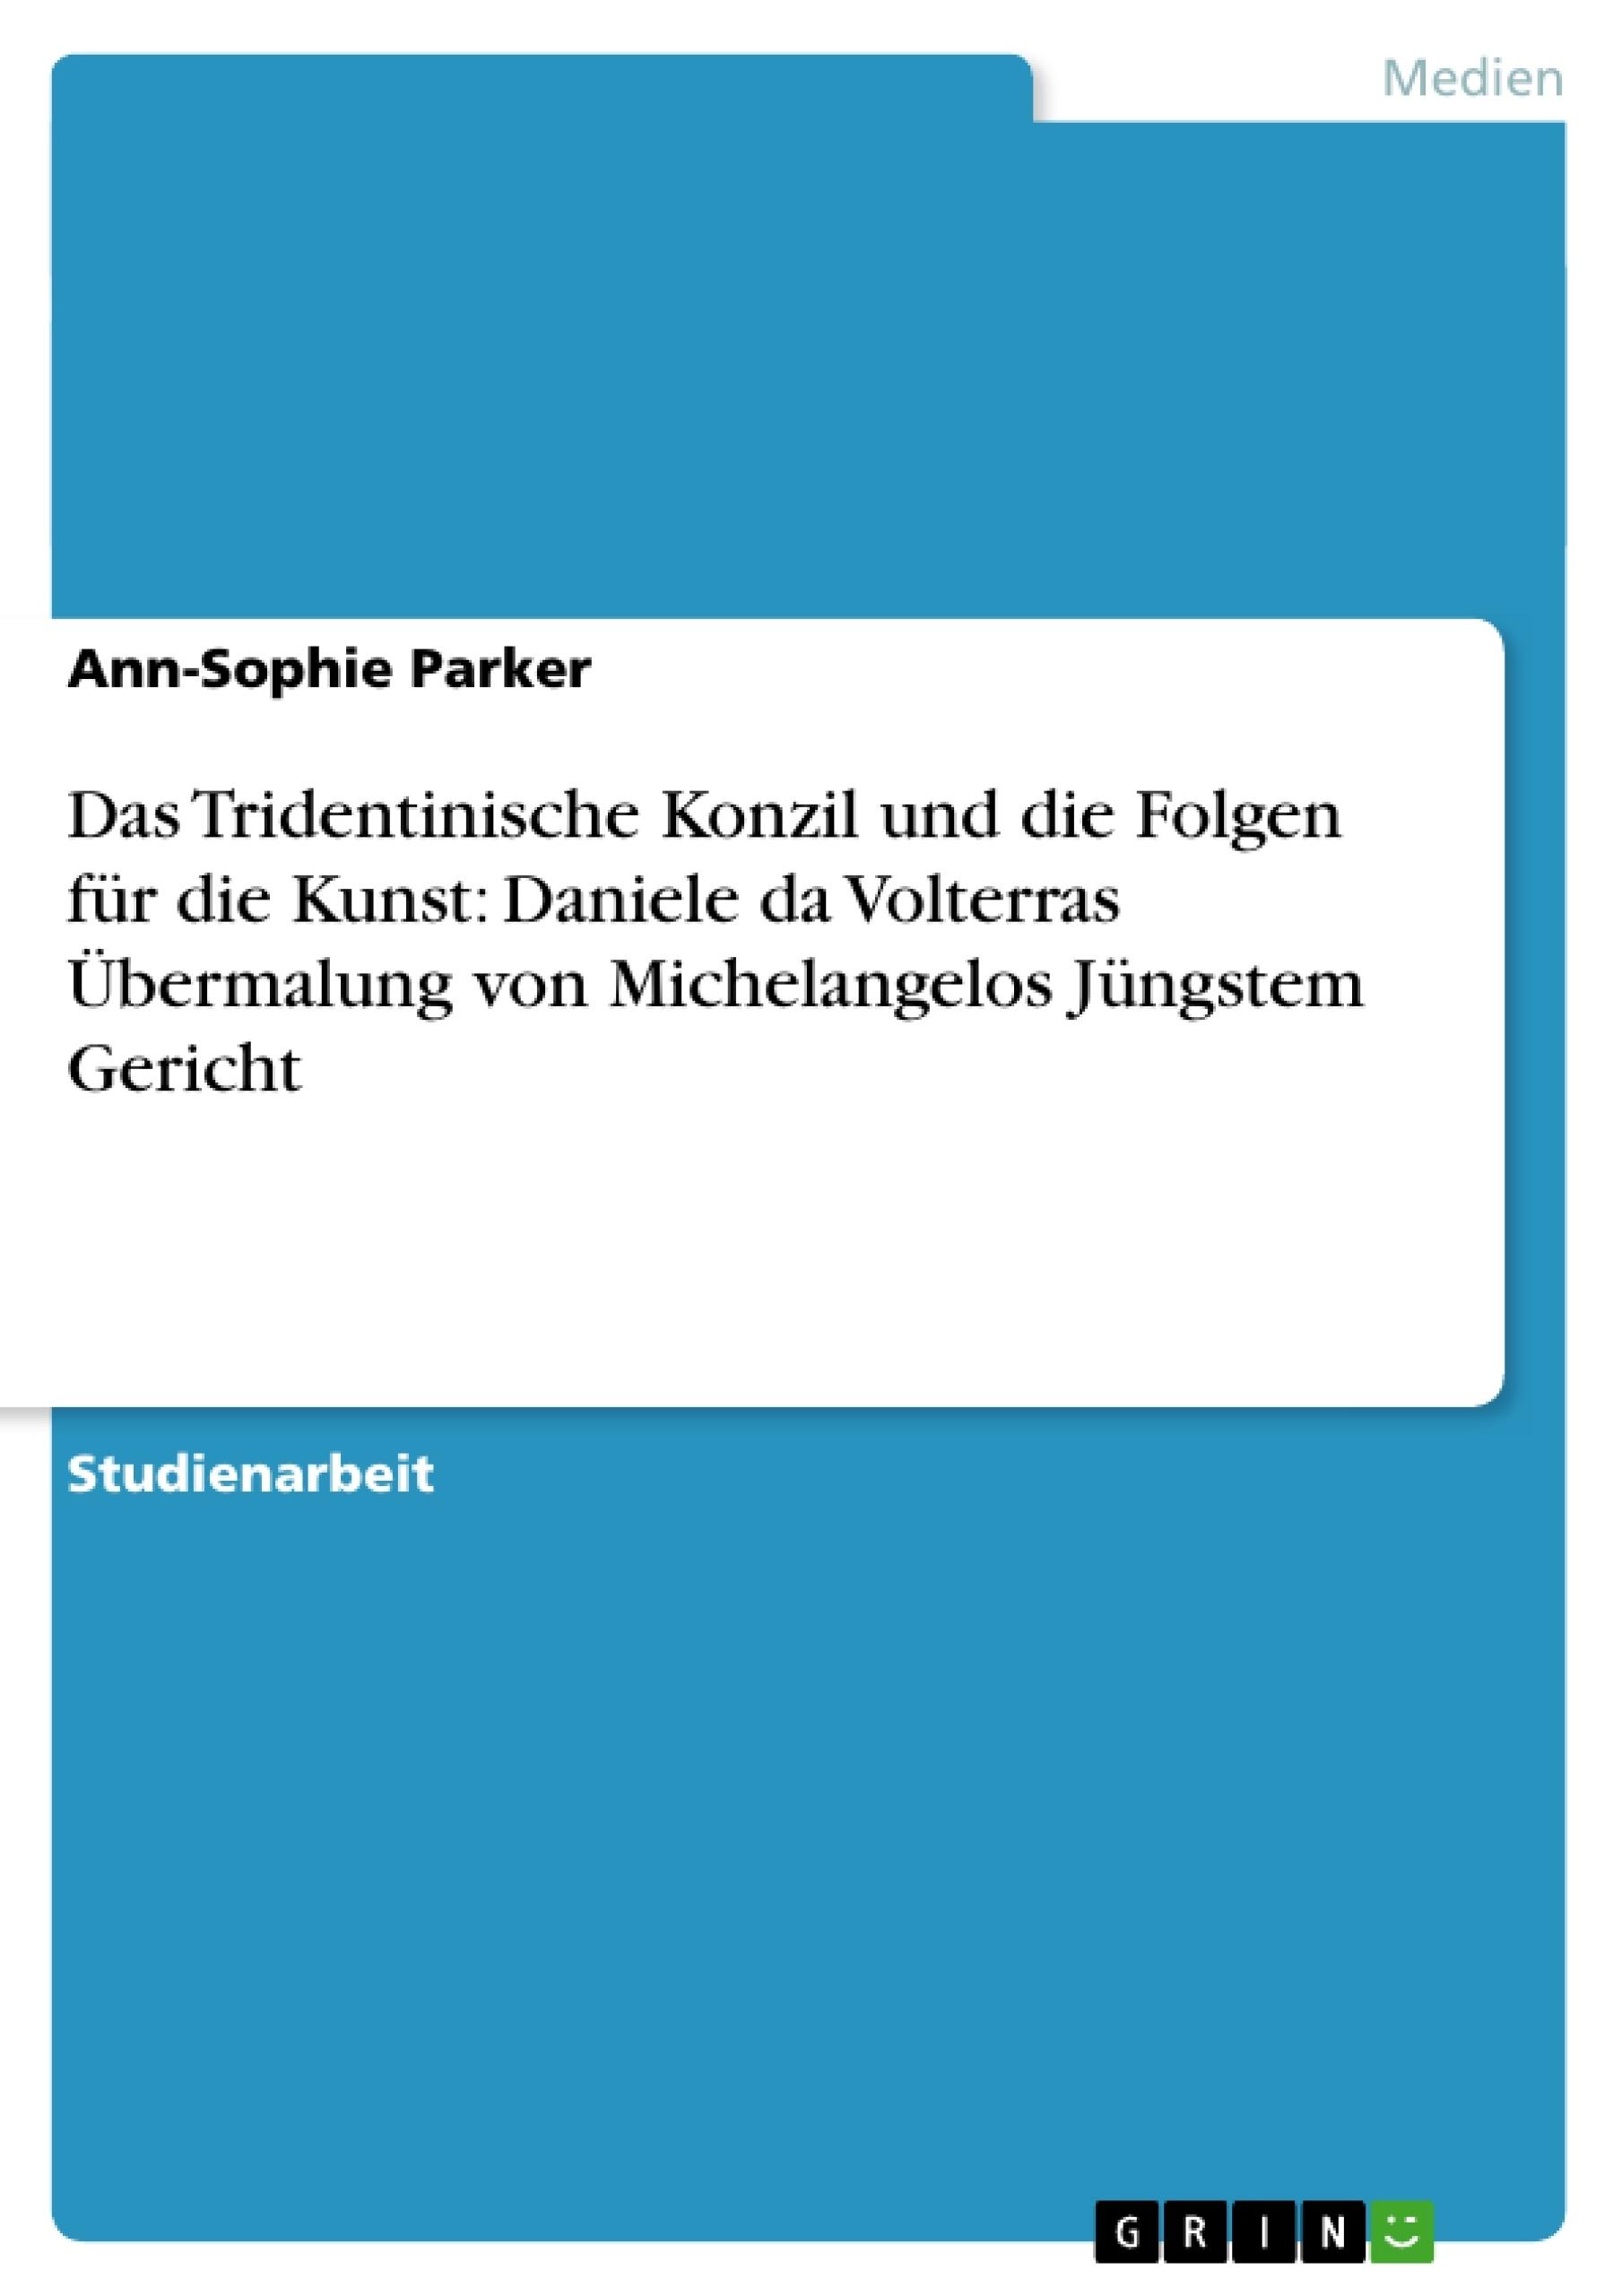 Titel: Das Tridentinische Konzil und die Folgen für die Kunst: Daniele da Volterras Übermalung von Michelangelos Jüngstem Gericht